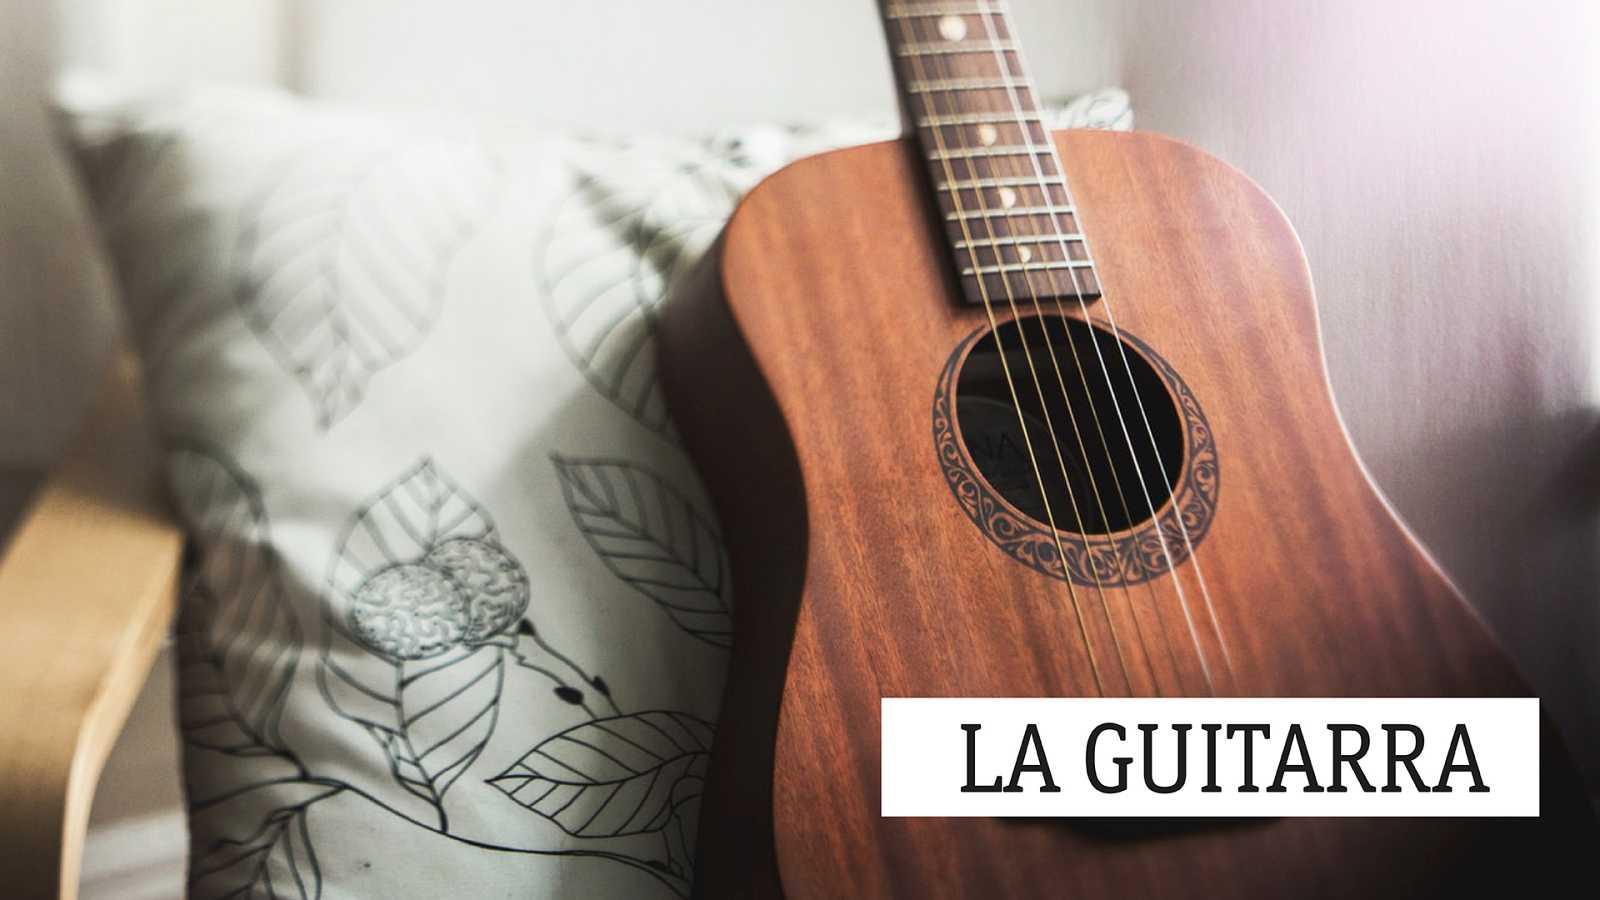 La guitarra - 28/02/21 - escuchar ahora